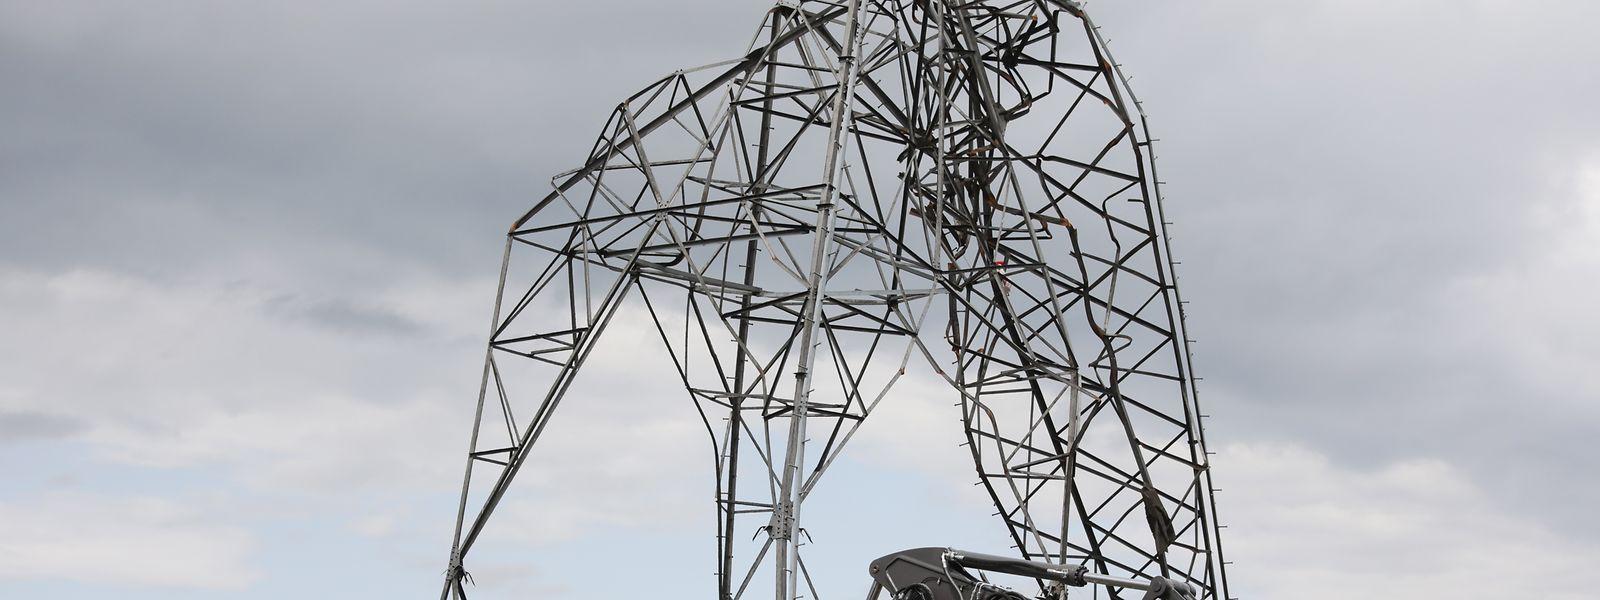 Der Tornado riss am Freitag nicht nur Dächer mit, sondern auch Pylone um.